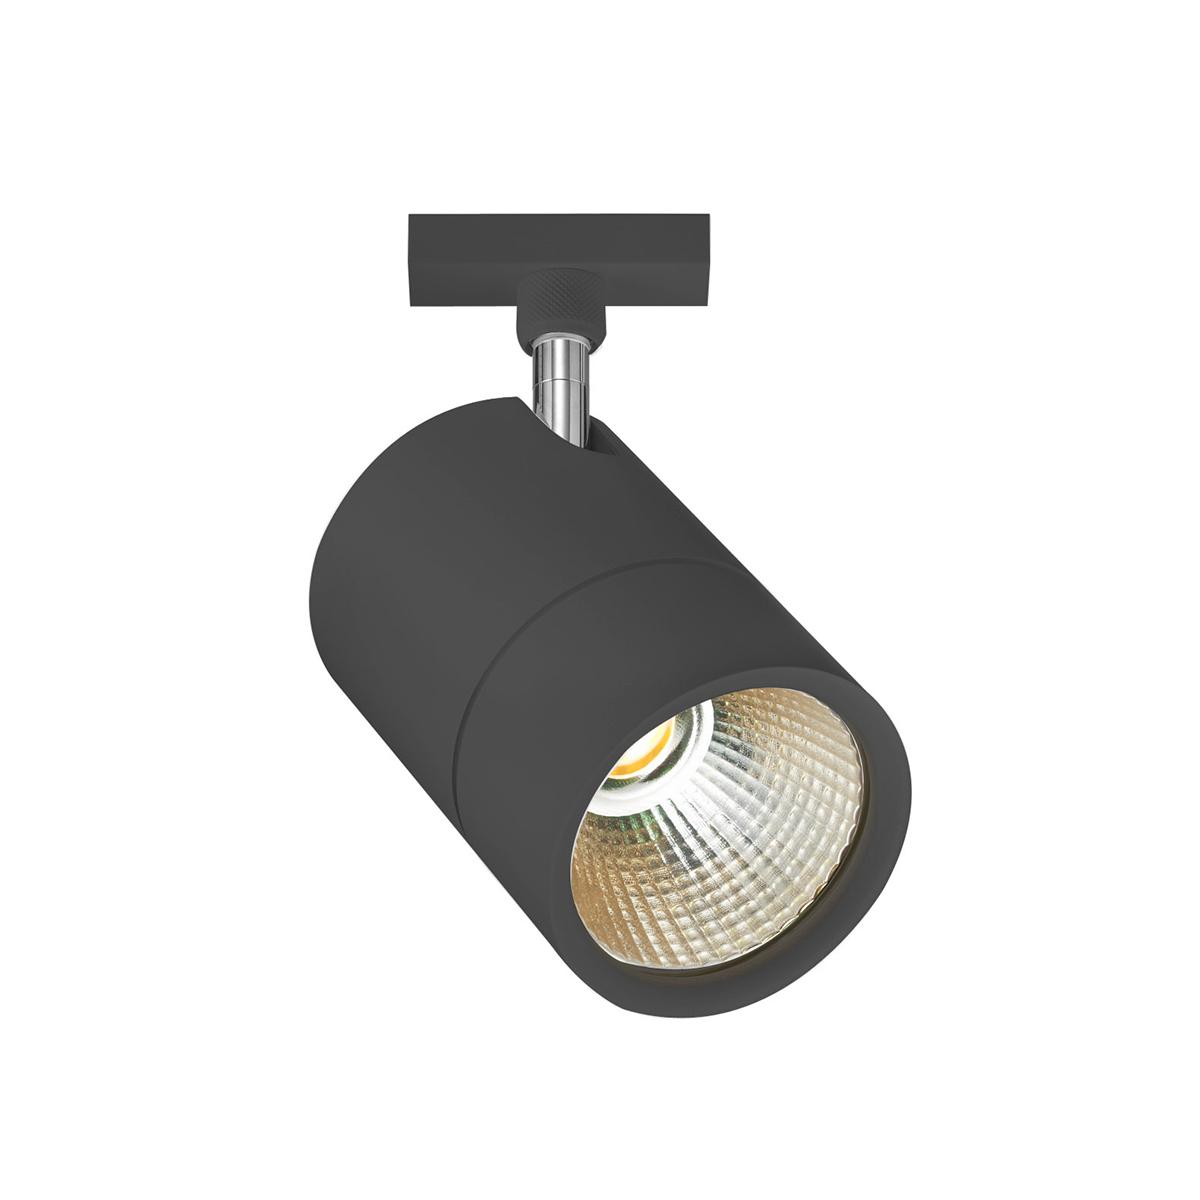 Bruck Duolare ACT 40° LED Strahler 860435sw